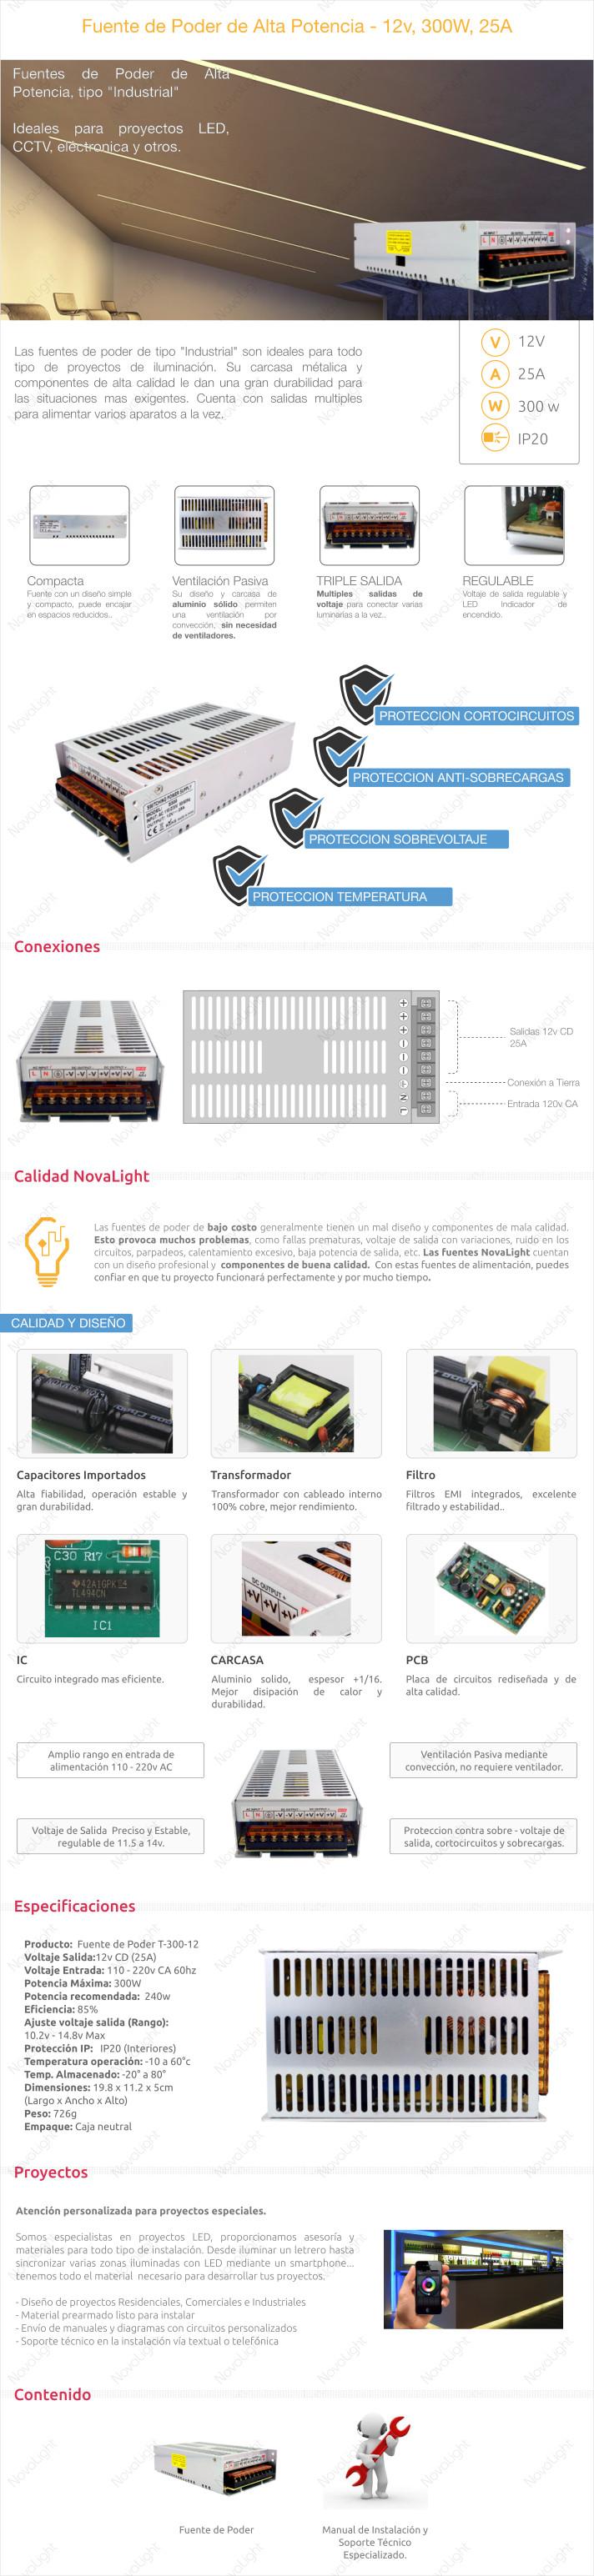 Descripcion de Producto, Fuente de Poder 12v 30W, 25A - TIpo Industrial ideal para proyectos LED y similares CCTV